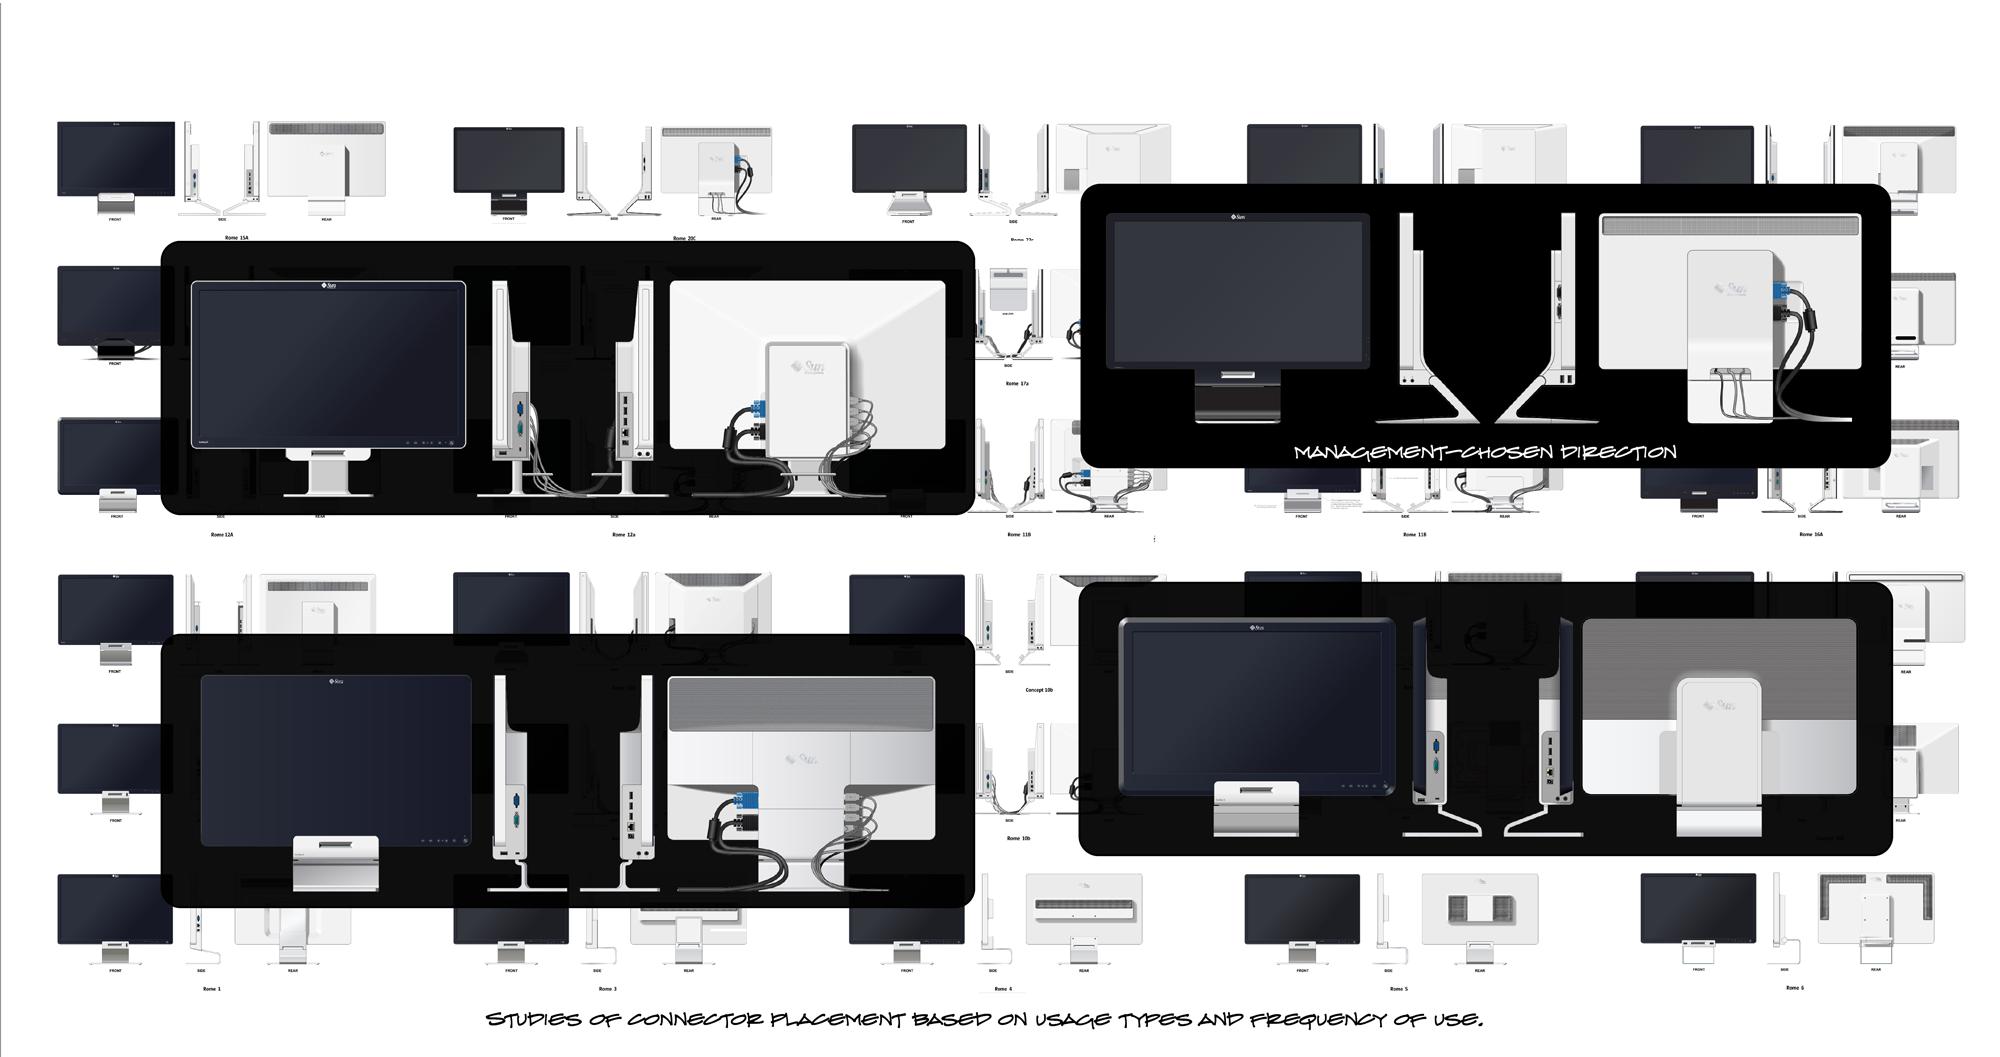 More 2D illustration concepts